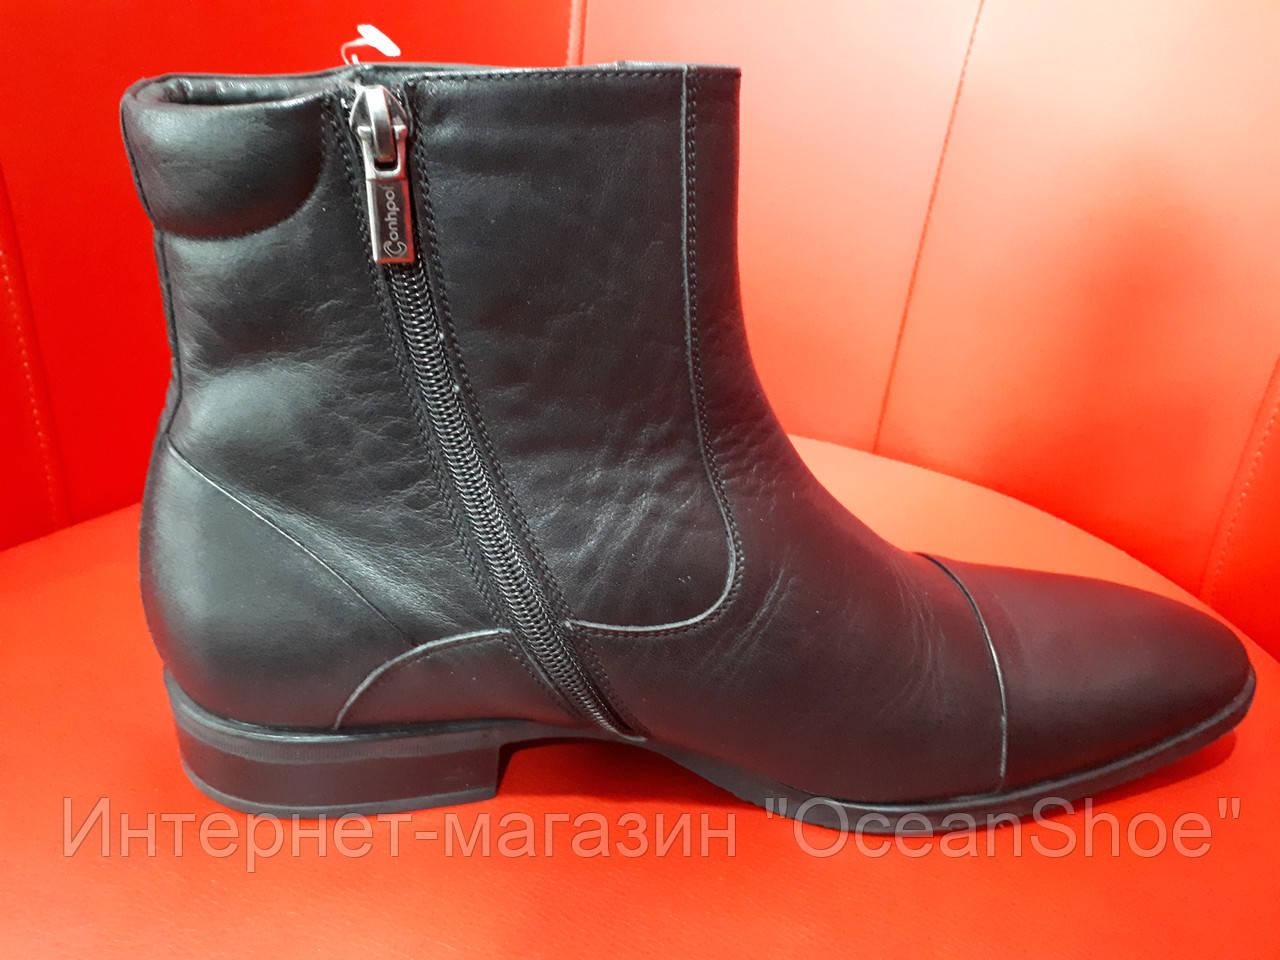 Зимові шкіряні чобітки фірми Conhpol (Польща) - Интернет-магазин